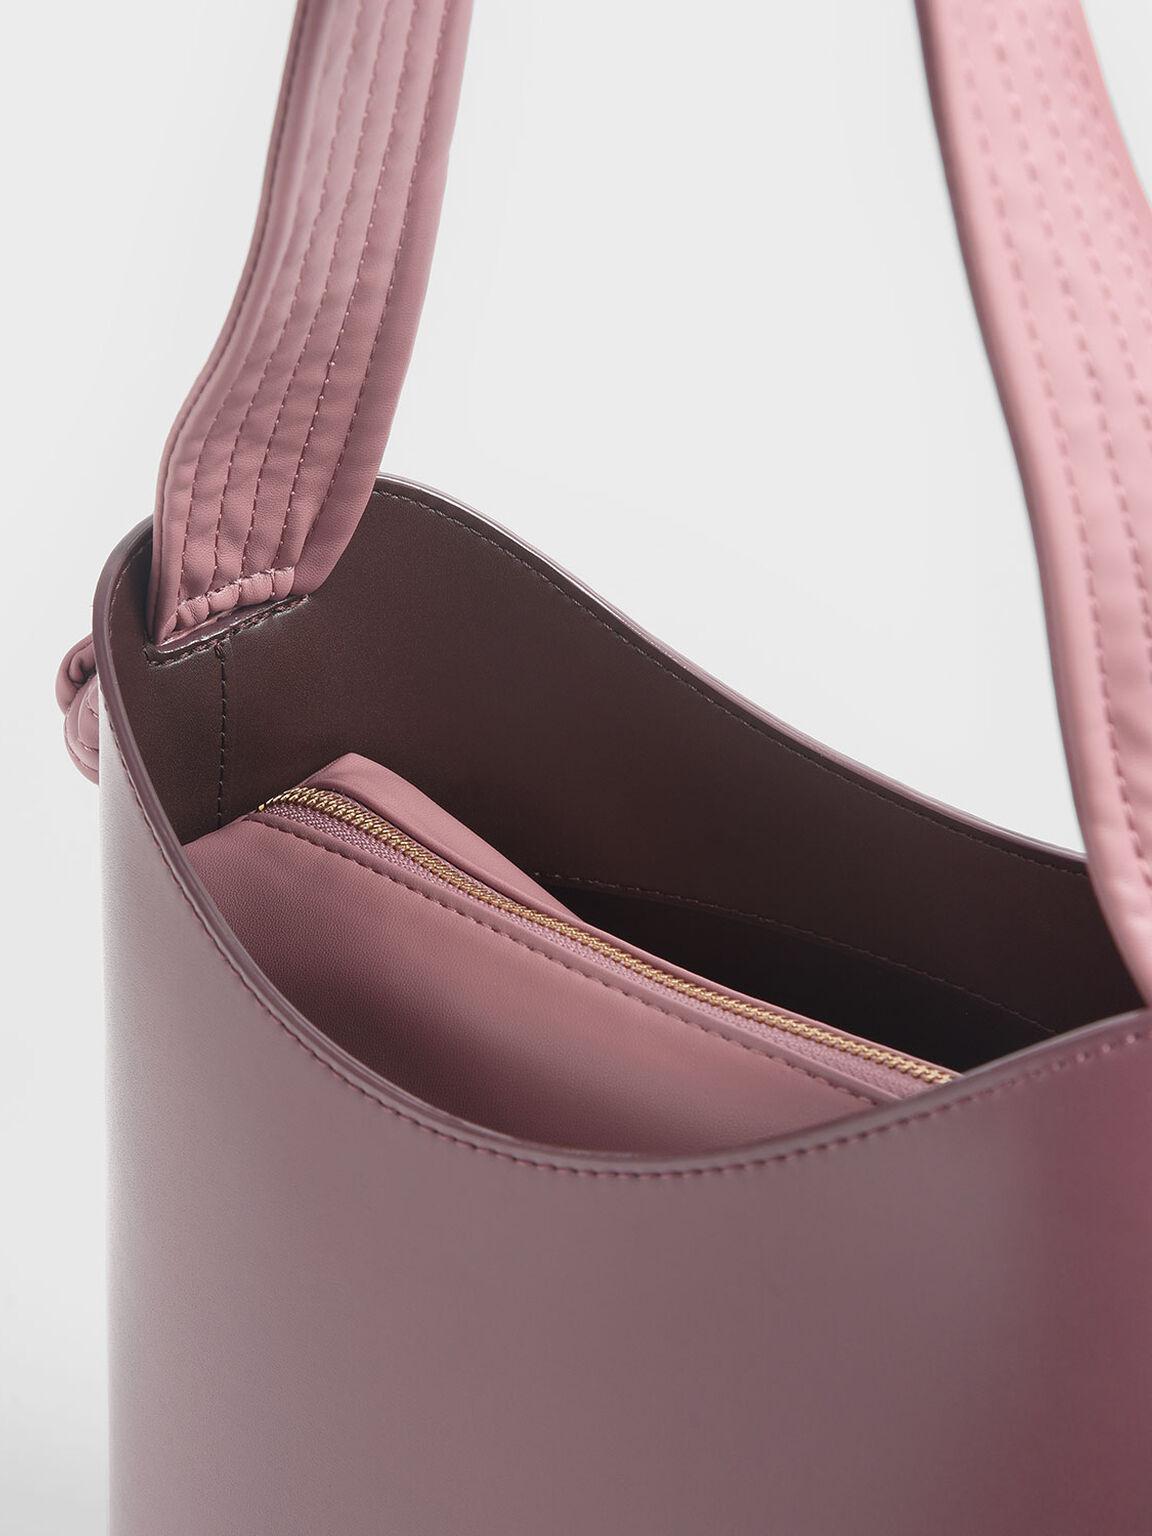 노트 핸들 버킷 백, Pink, hi-res